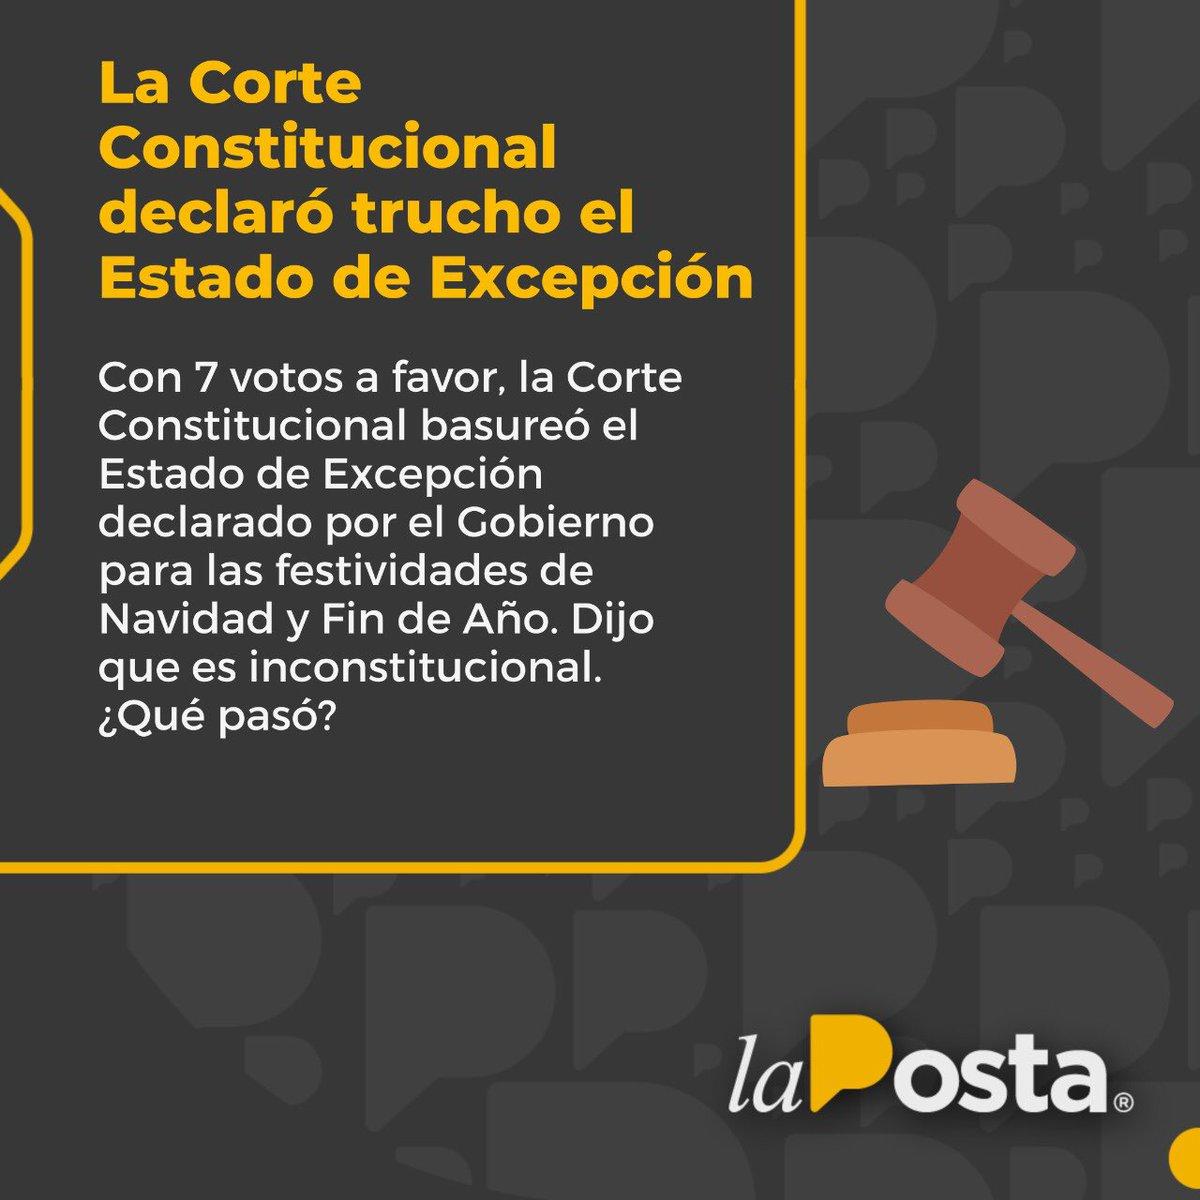 La Corte Constitucional basureó al Estado de Excepción declarado por el Gobierno para las recientes festividades. ¿Por qué? Te contamos. https://t.co/1jLaq857bS